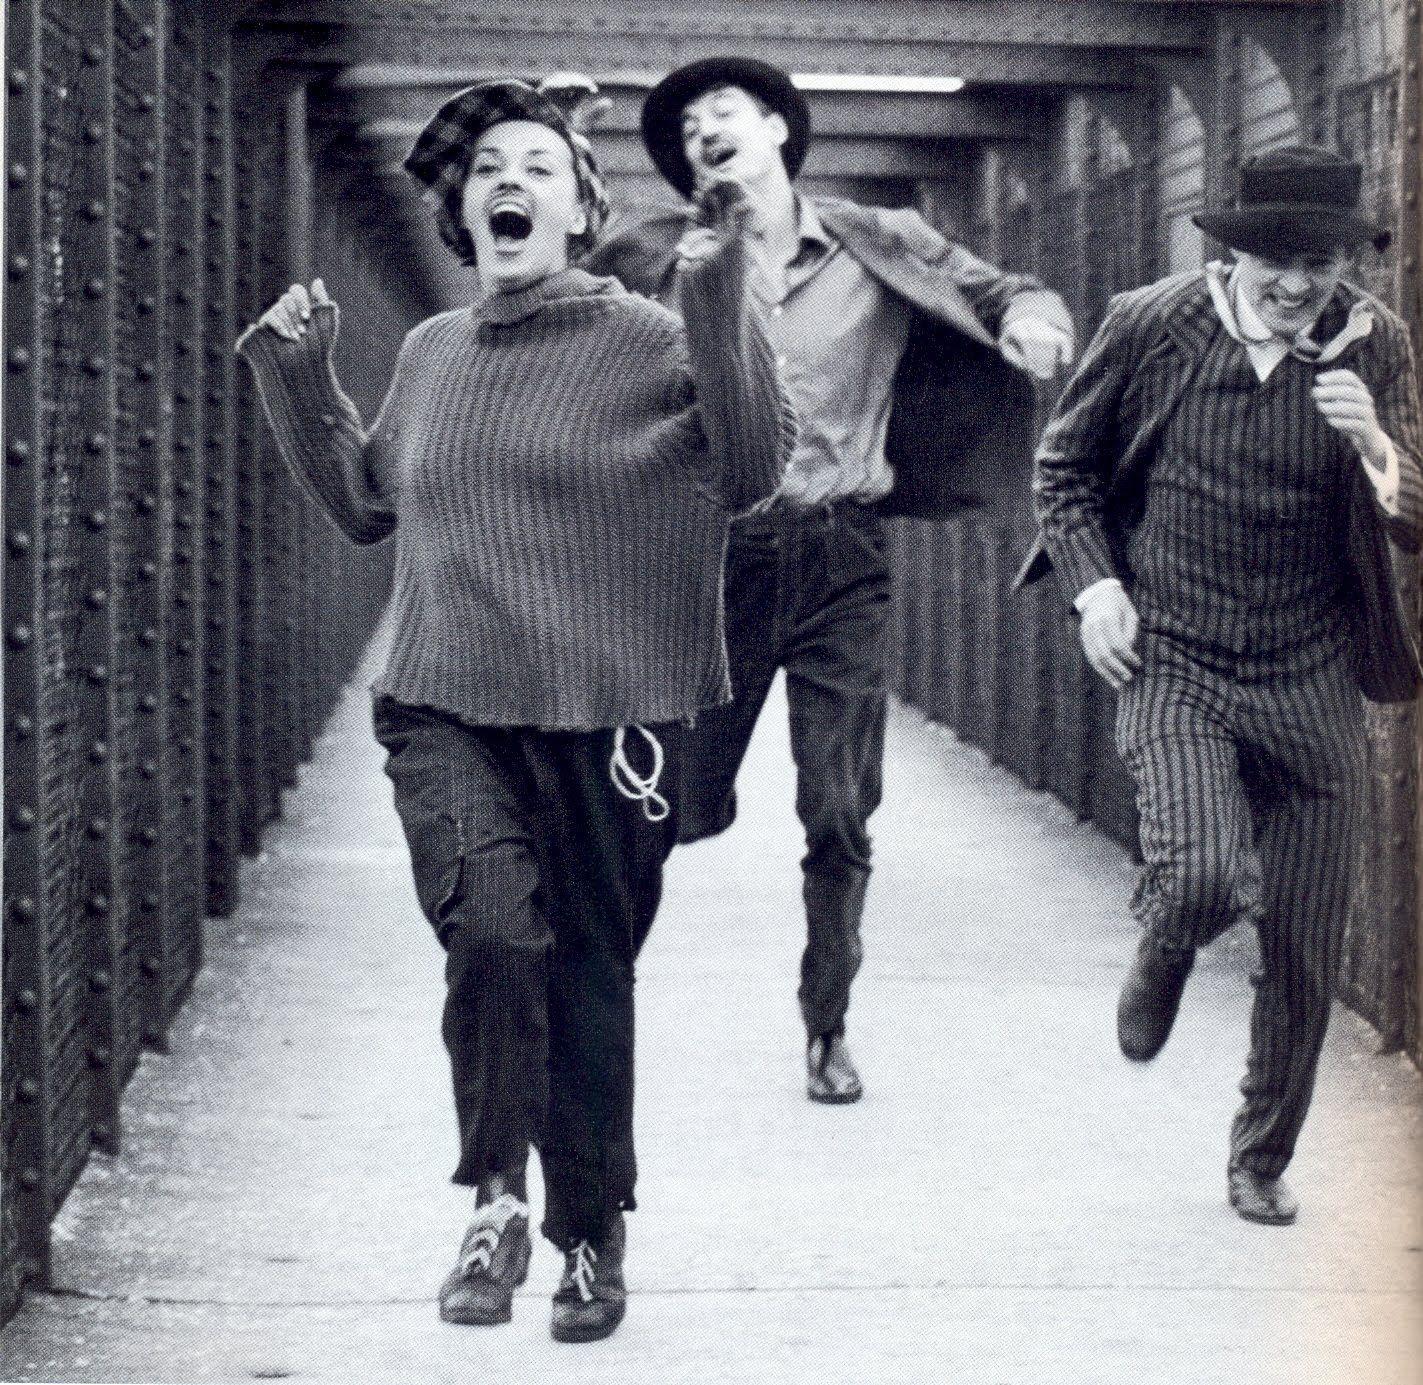 Jules et Jim - Jeanne Moreau, Oskar Werner, Henri Serre.